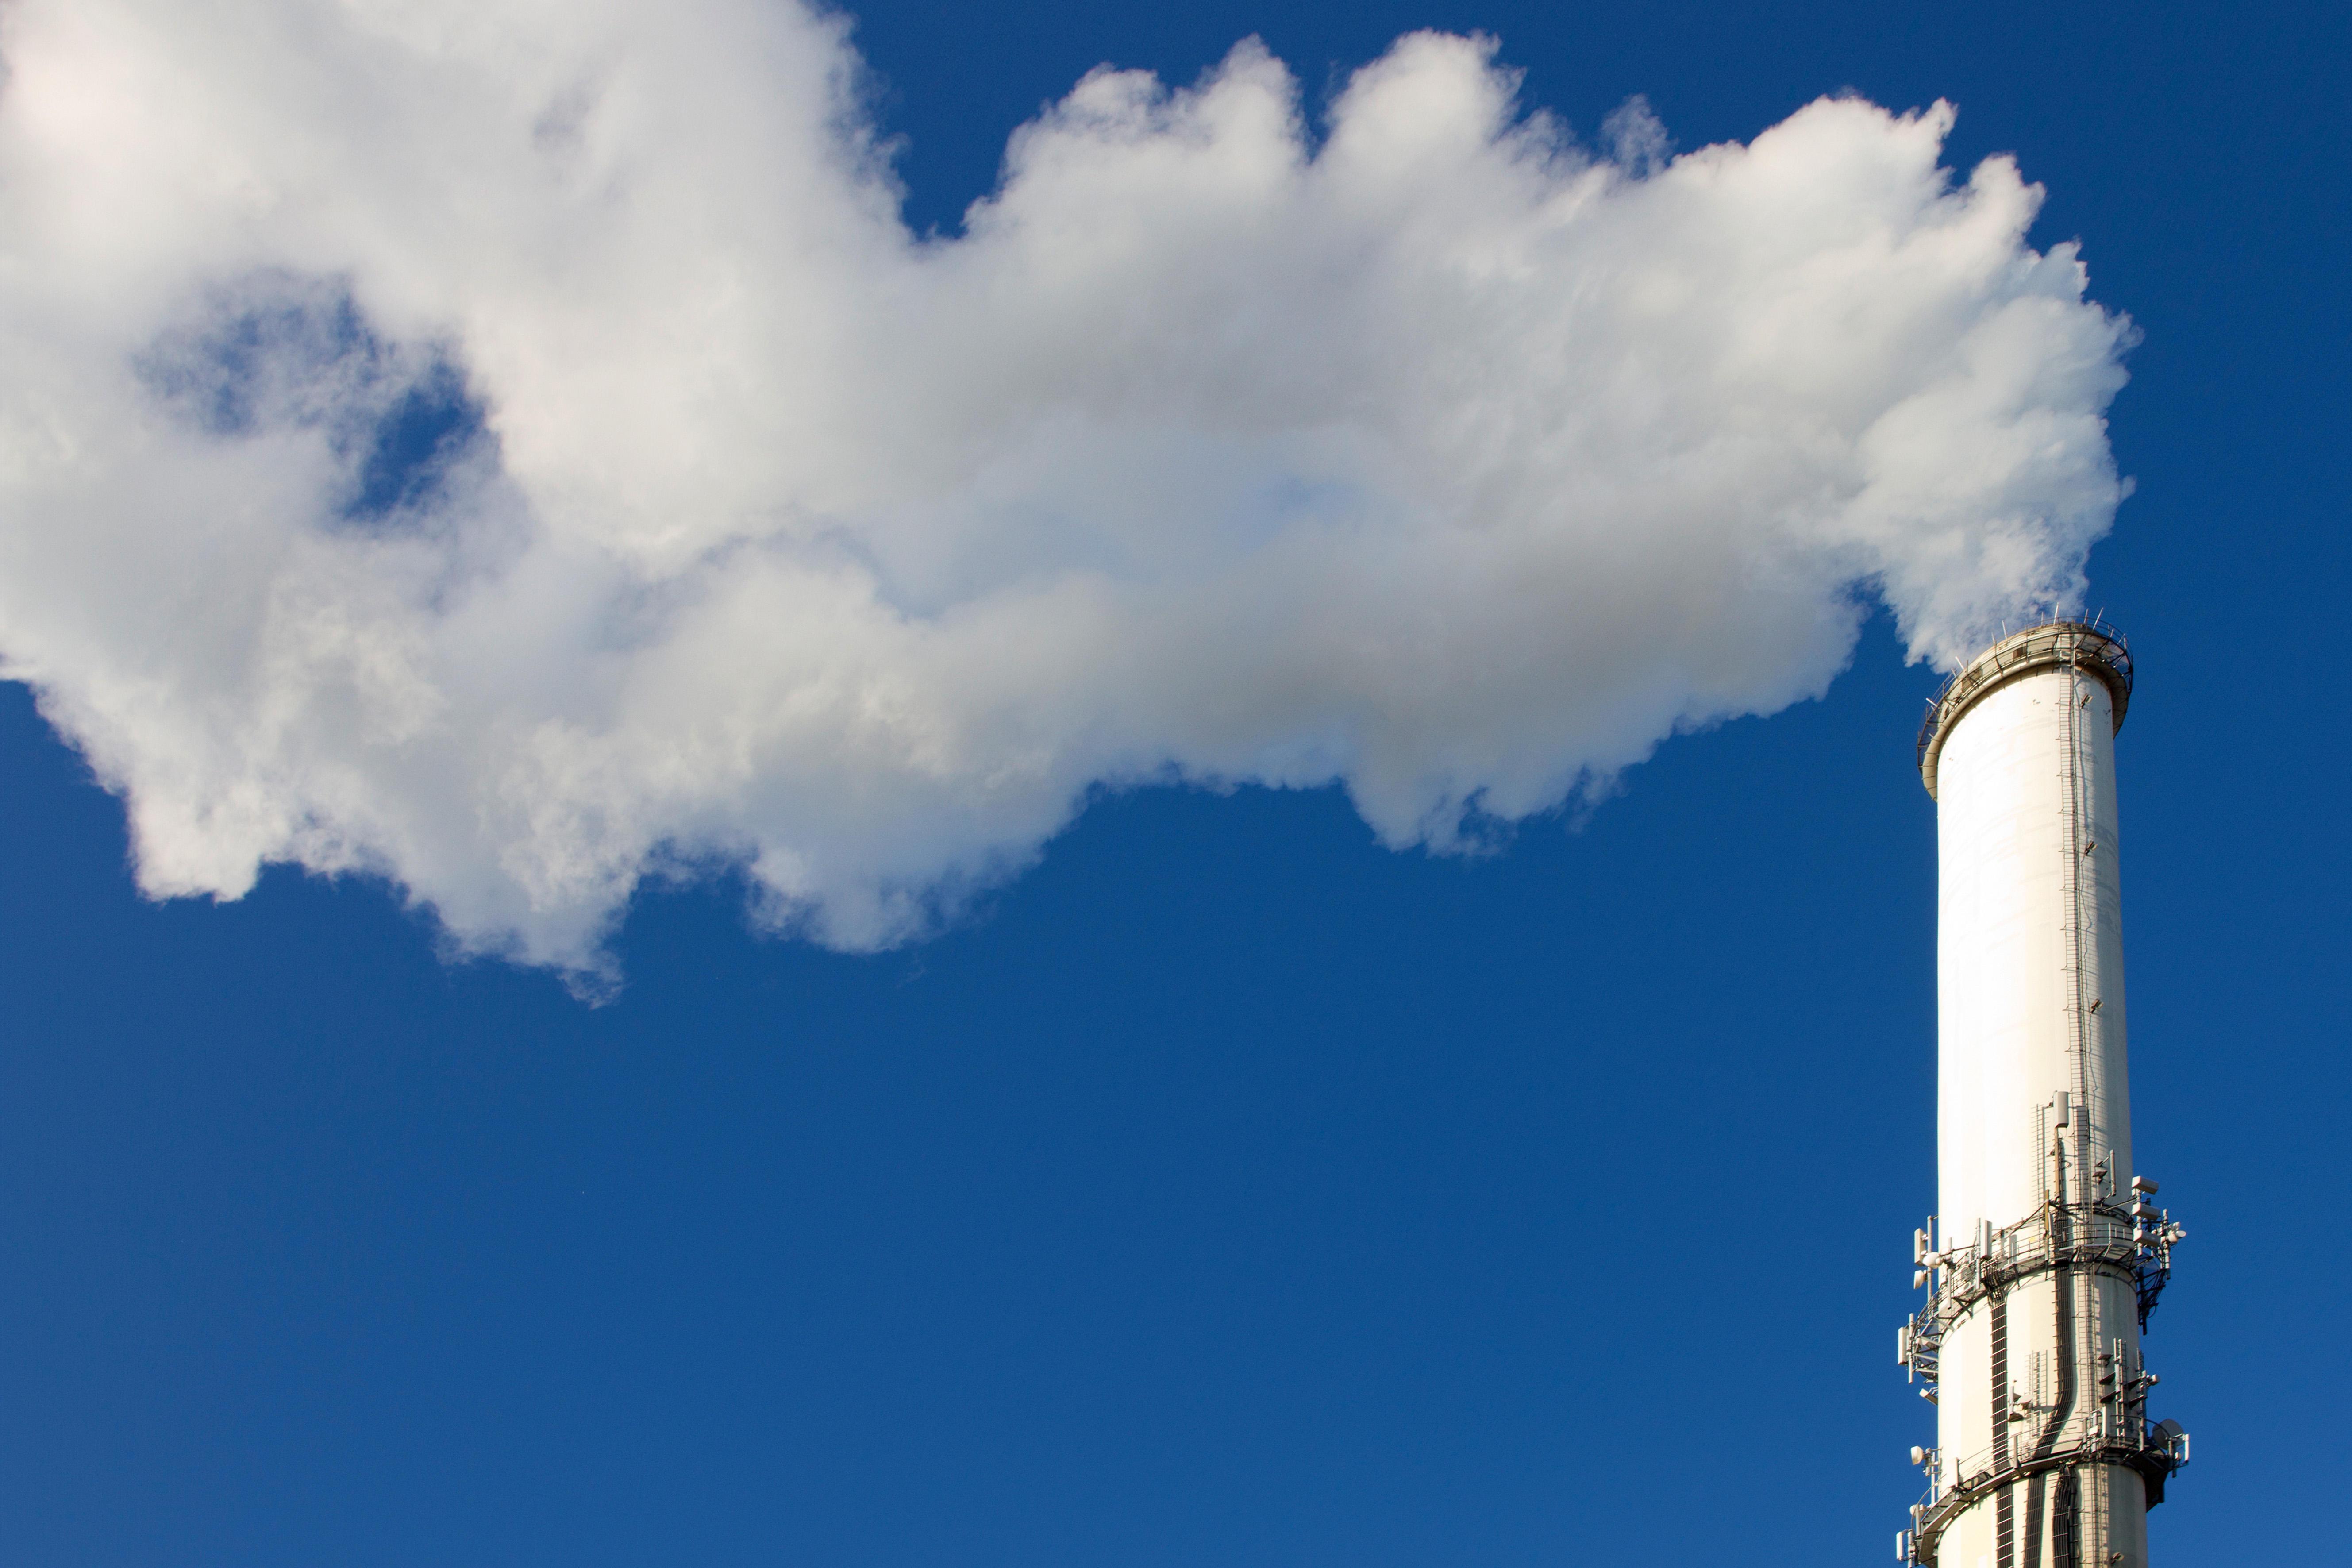 Pläne der Bundesumweltministerin: Schulze für CO2-Steuer mit